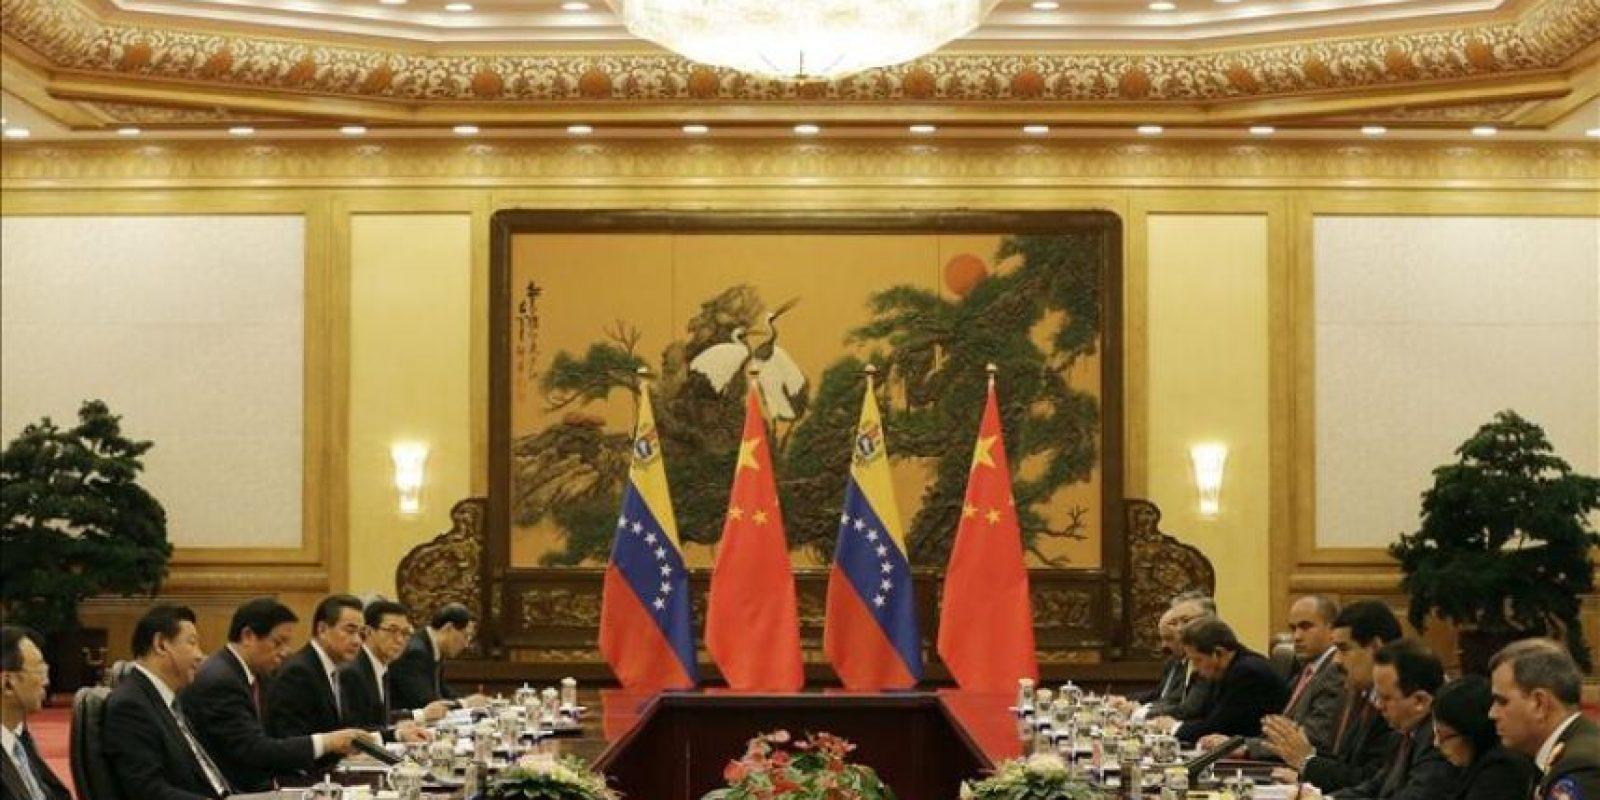 El presidente venezolano, Nicolás Maduro (4º dcha), y su homólogo chino, Xi Jinping (2º izq), mantienen un encuentro bilateral en el Gran Palacio del Pueblo de Pekín (China) hoy, miércoles 7 de enero de 2015, en el ámbito de su visita oficial del mandatario latinoamericano al país. EFE